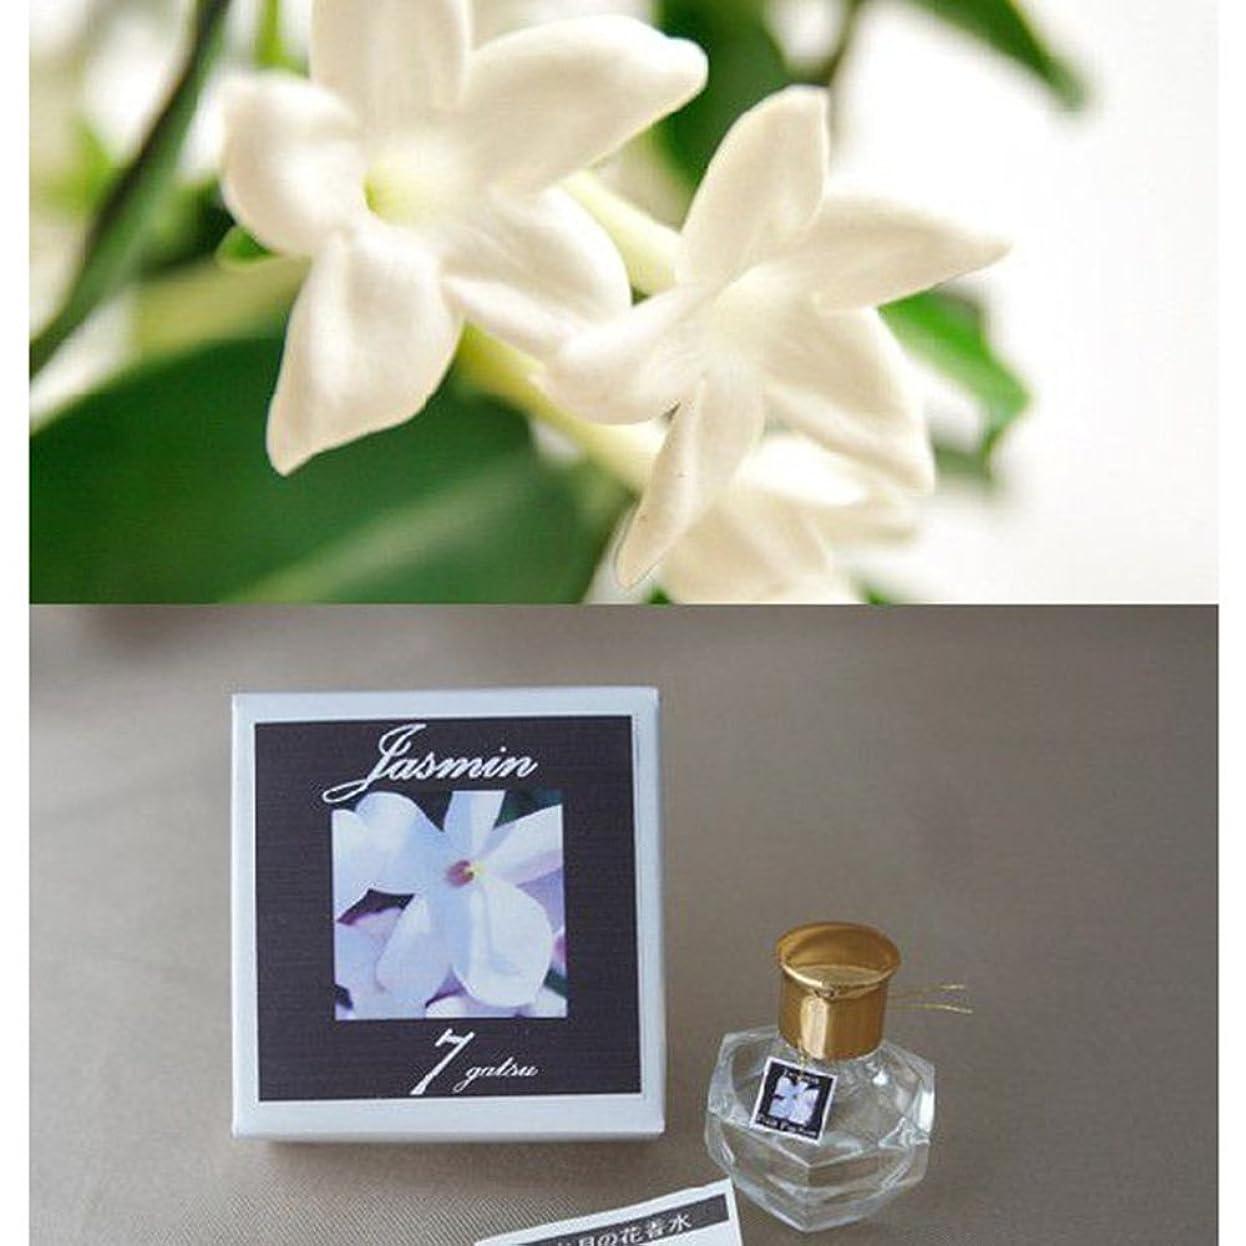 退屈させる遠近法口実香運おみくじ&相性図鑑付き「12か月の花香水」 東山植物園の自然の花の香りから生まれた香水です。 (7月 ジャスミン)